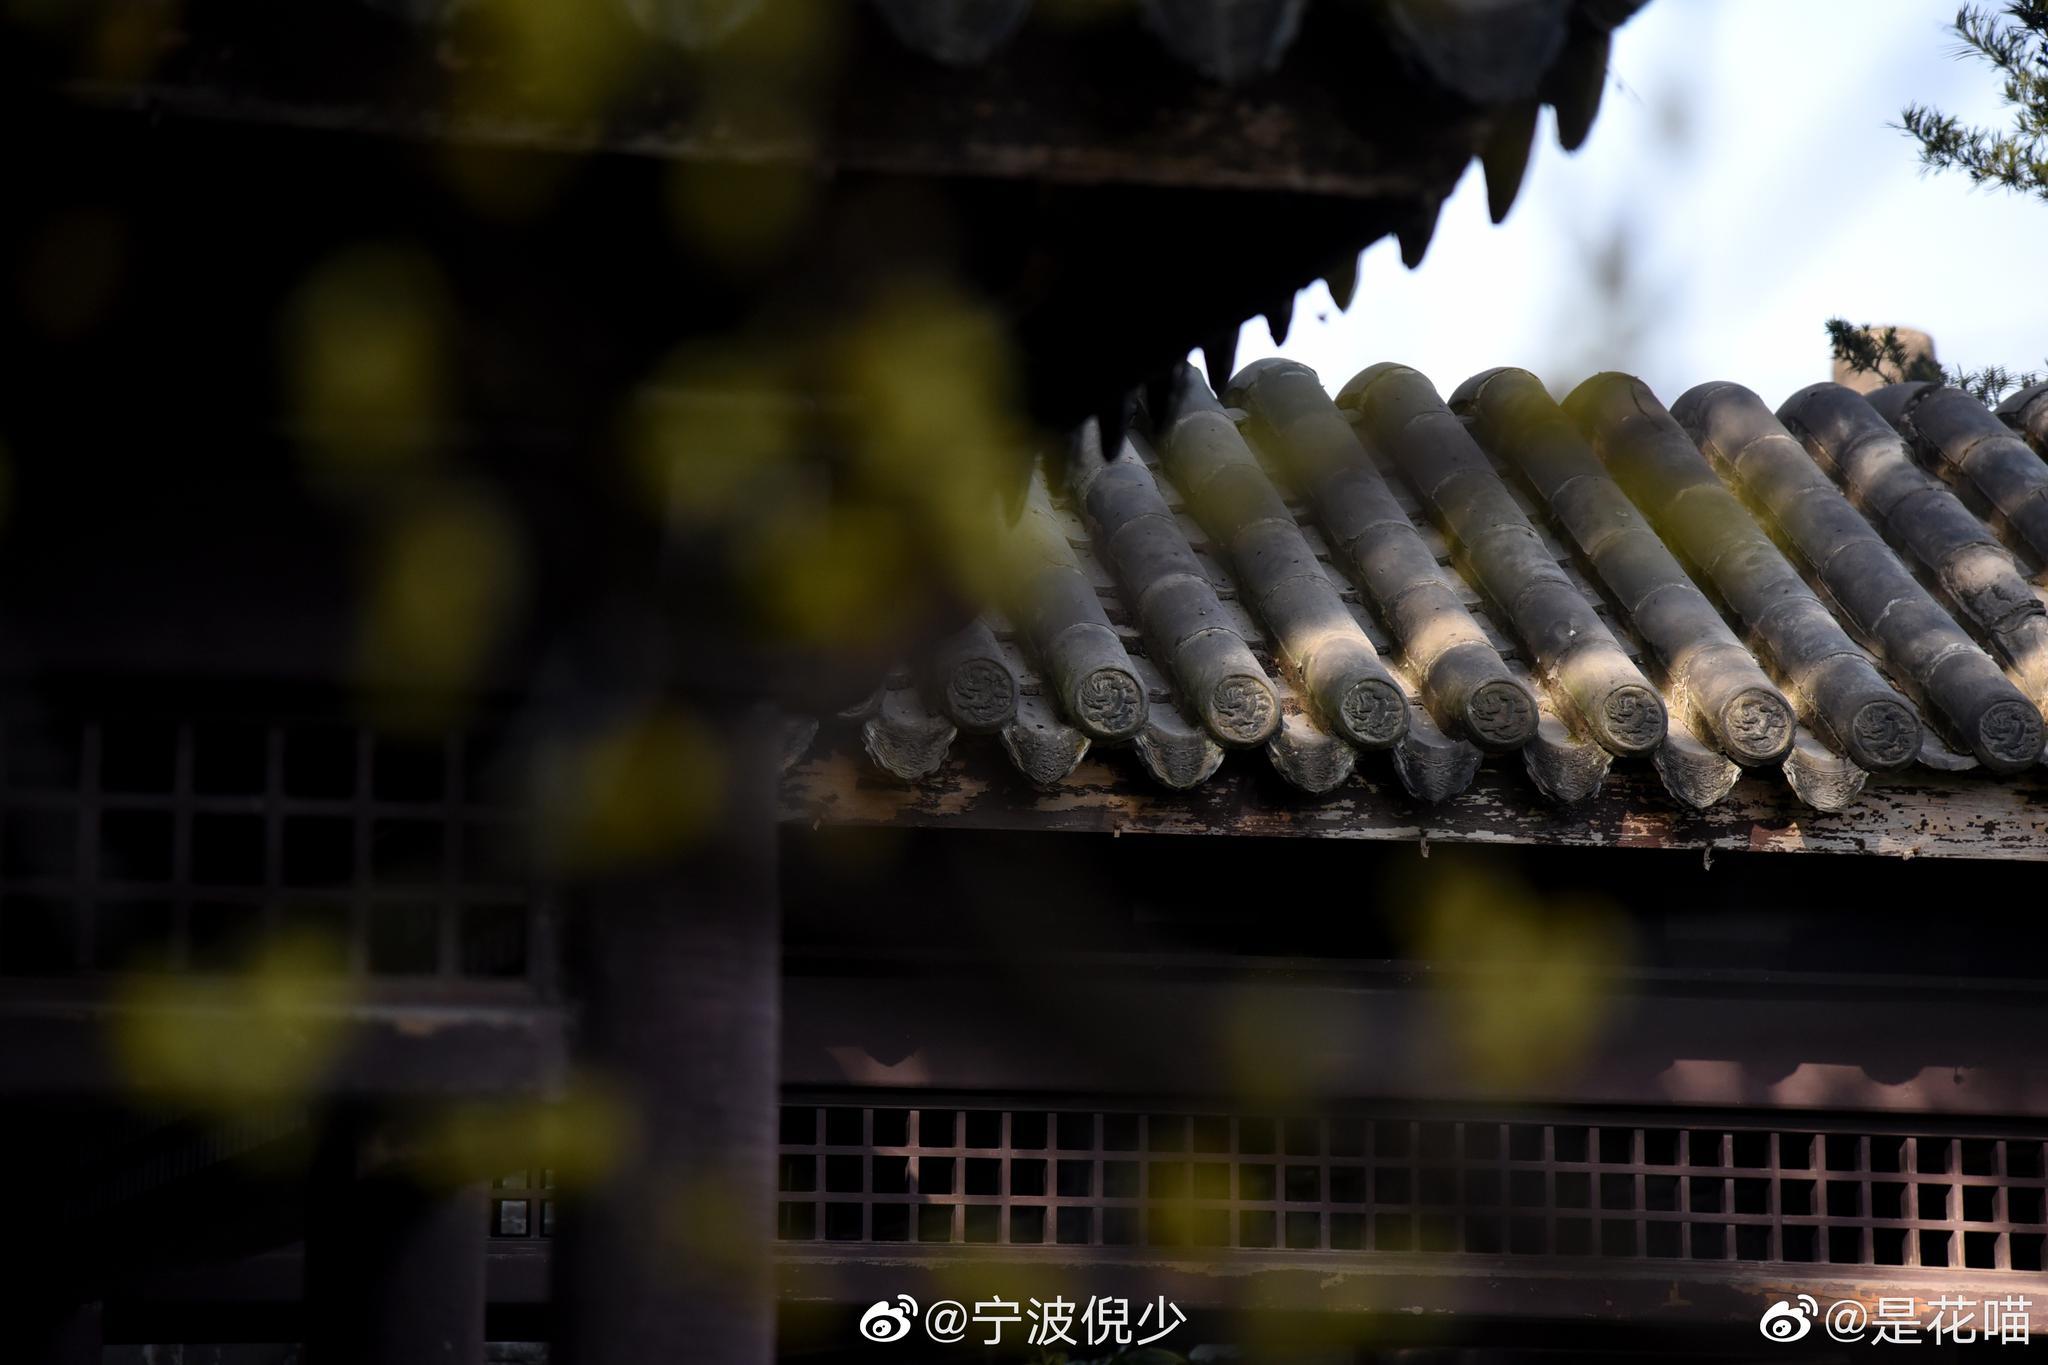 投稿:月湖蜡梅 // 松竹凌空 疏影黄昏